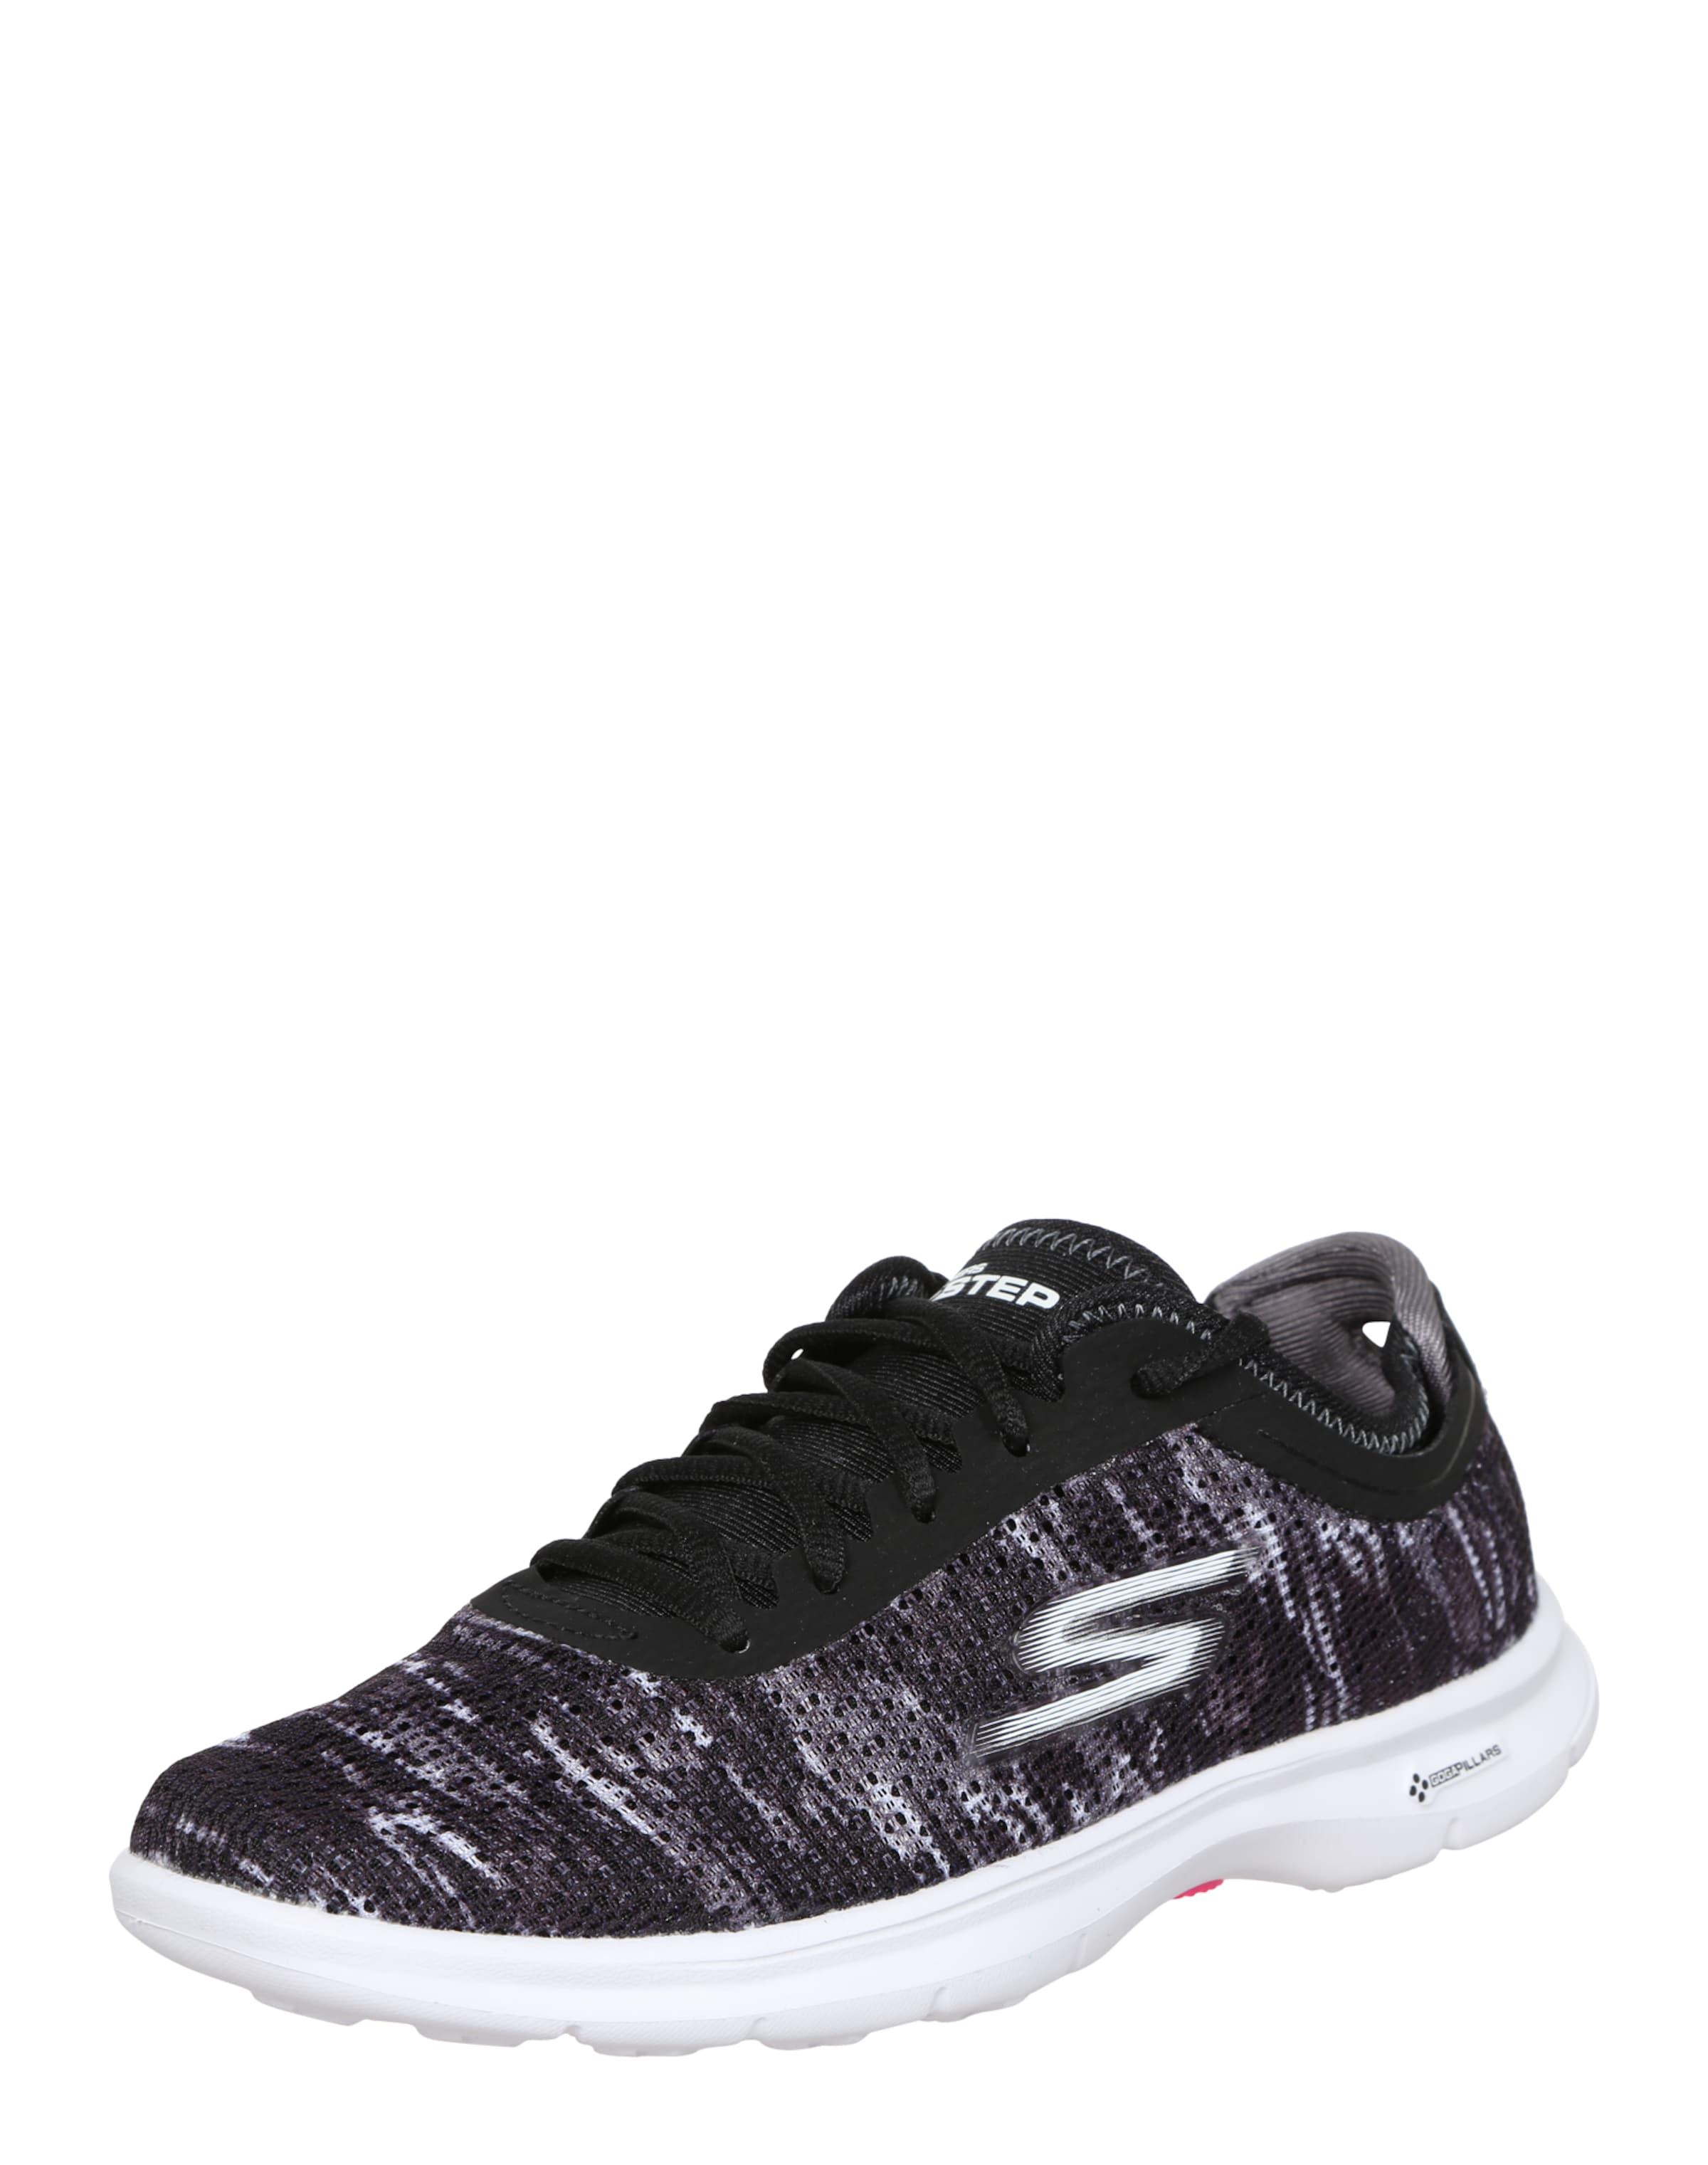 SKECHERS Sneaker Low 'Go step' Günstig Kaufen Mit Paypal Rabatt Billigsten Niedrig Versandkosten Auslass Freies Verschiffen Freies Verschiffen Veröffentlichungstermine ghgLcO2xX